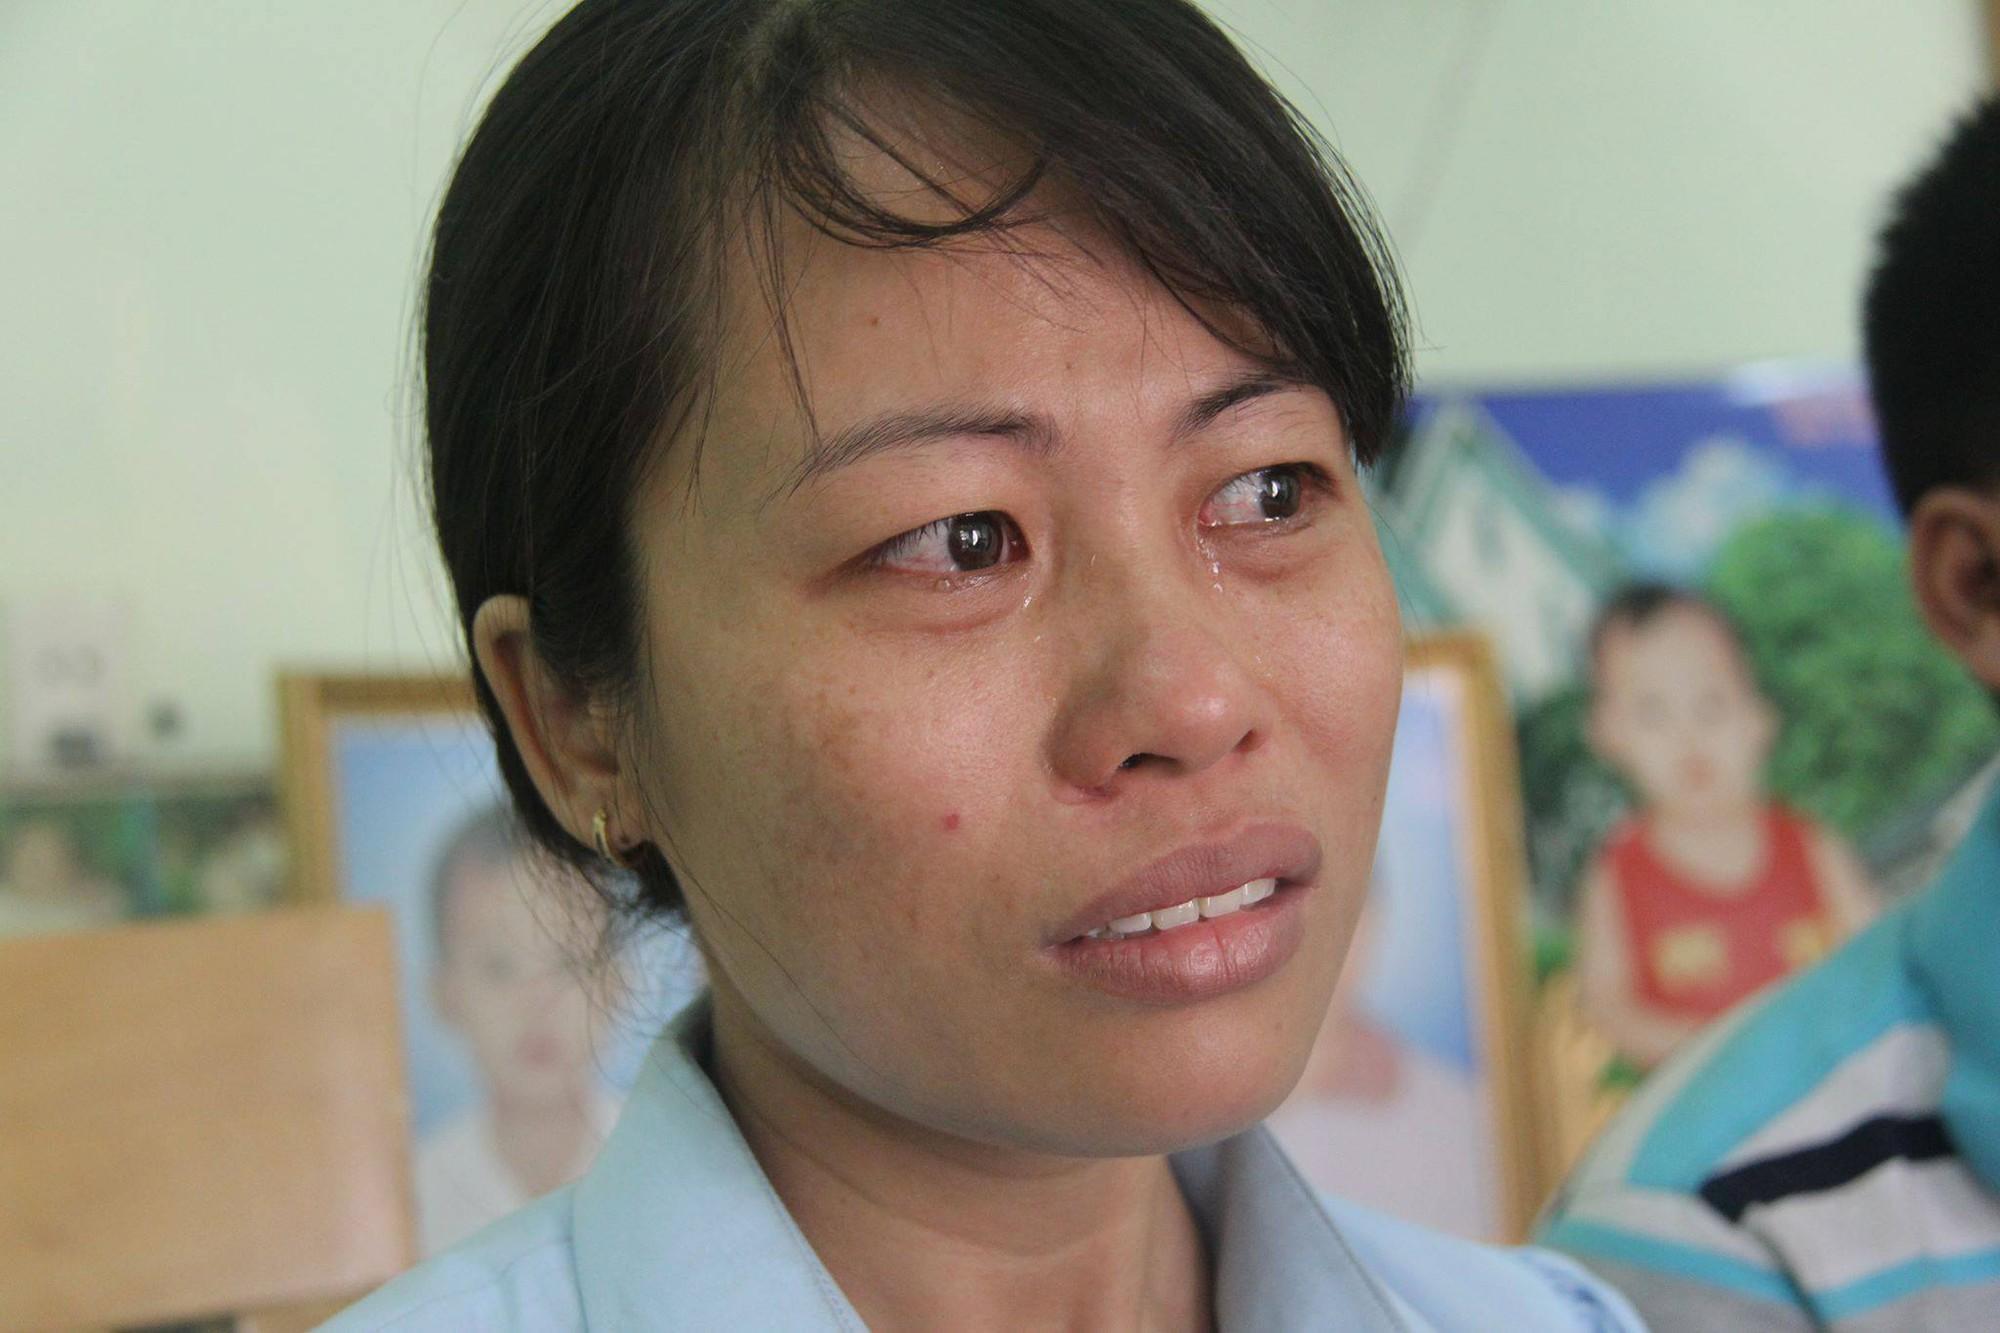 Người mẹ trẻ nói trong nước mắt.